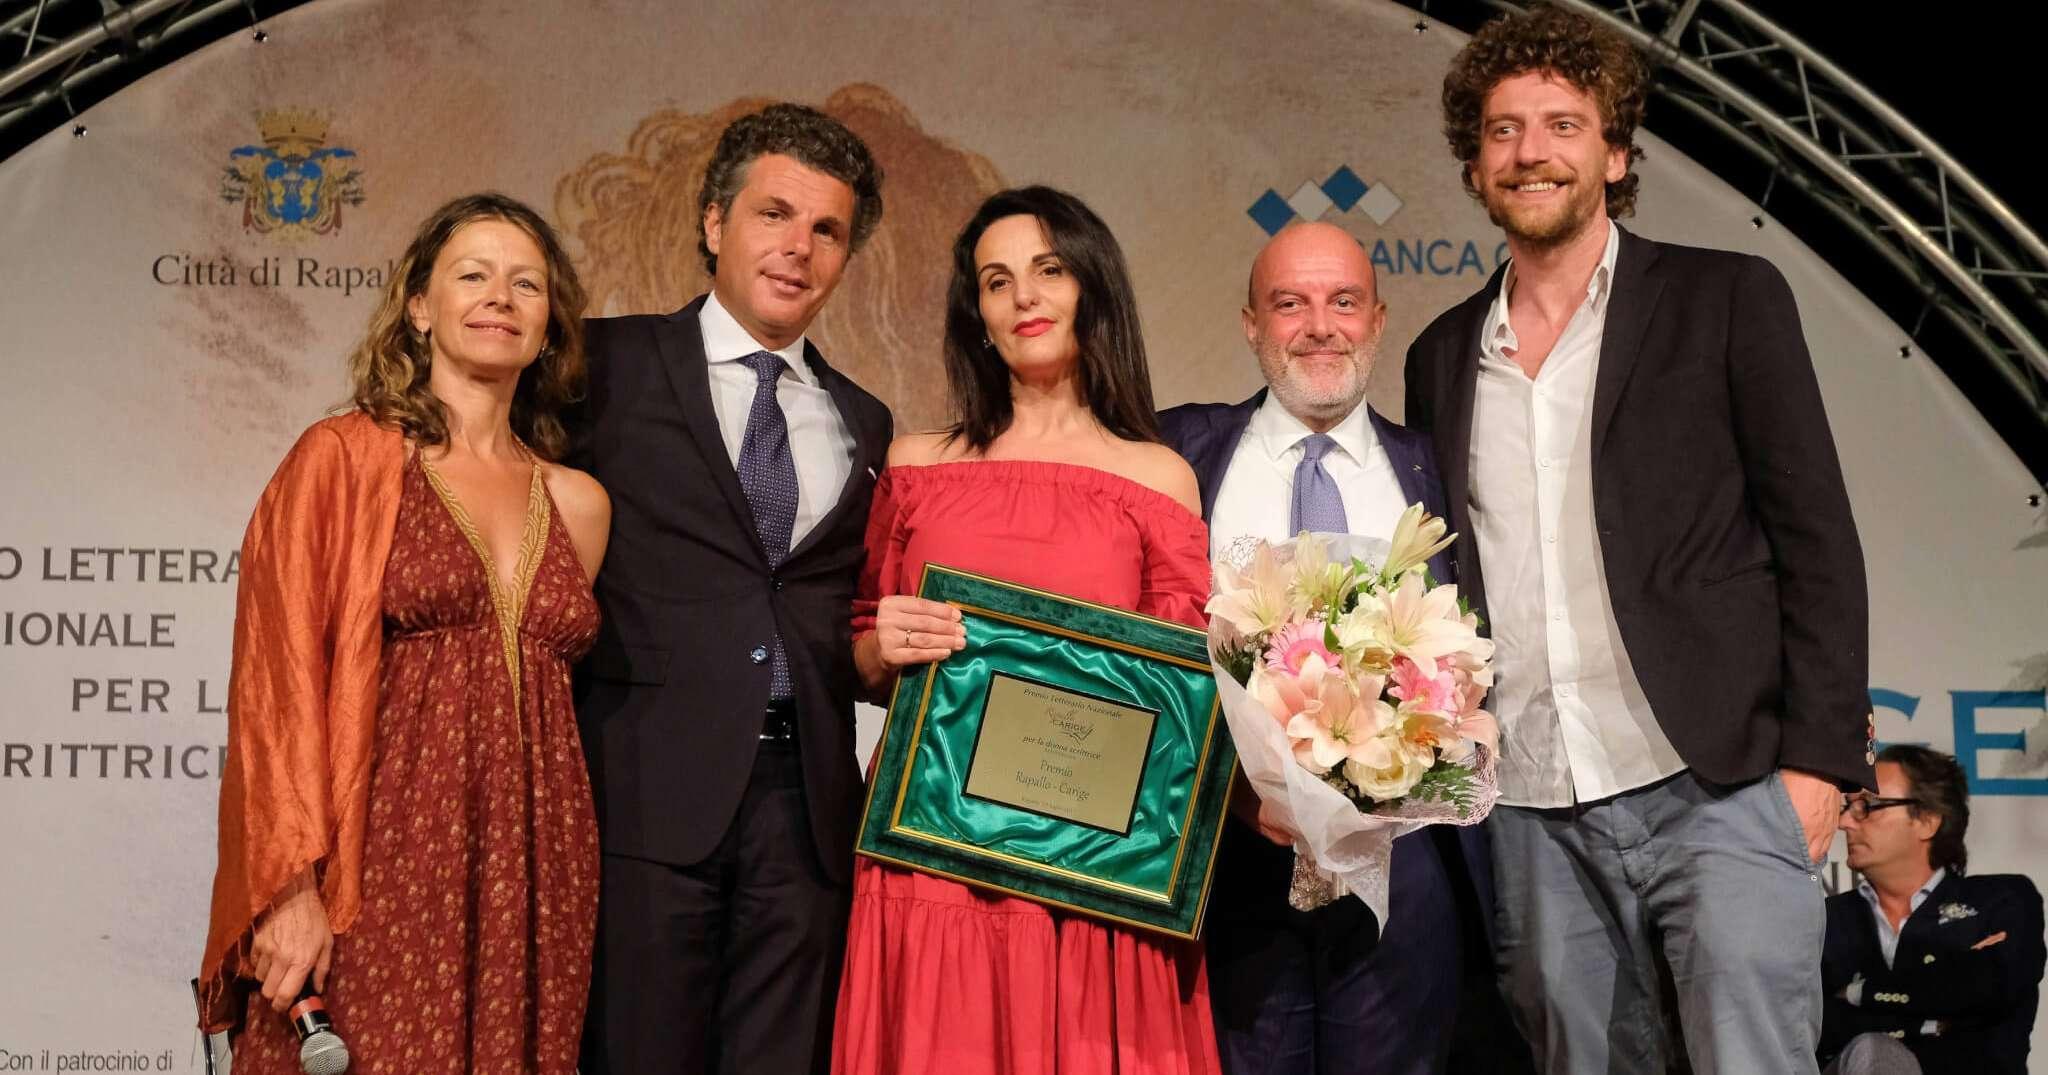 Carige esce dal premio Rapallo per donna scrittrice